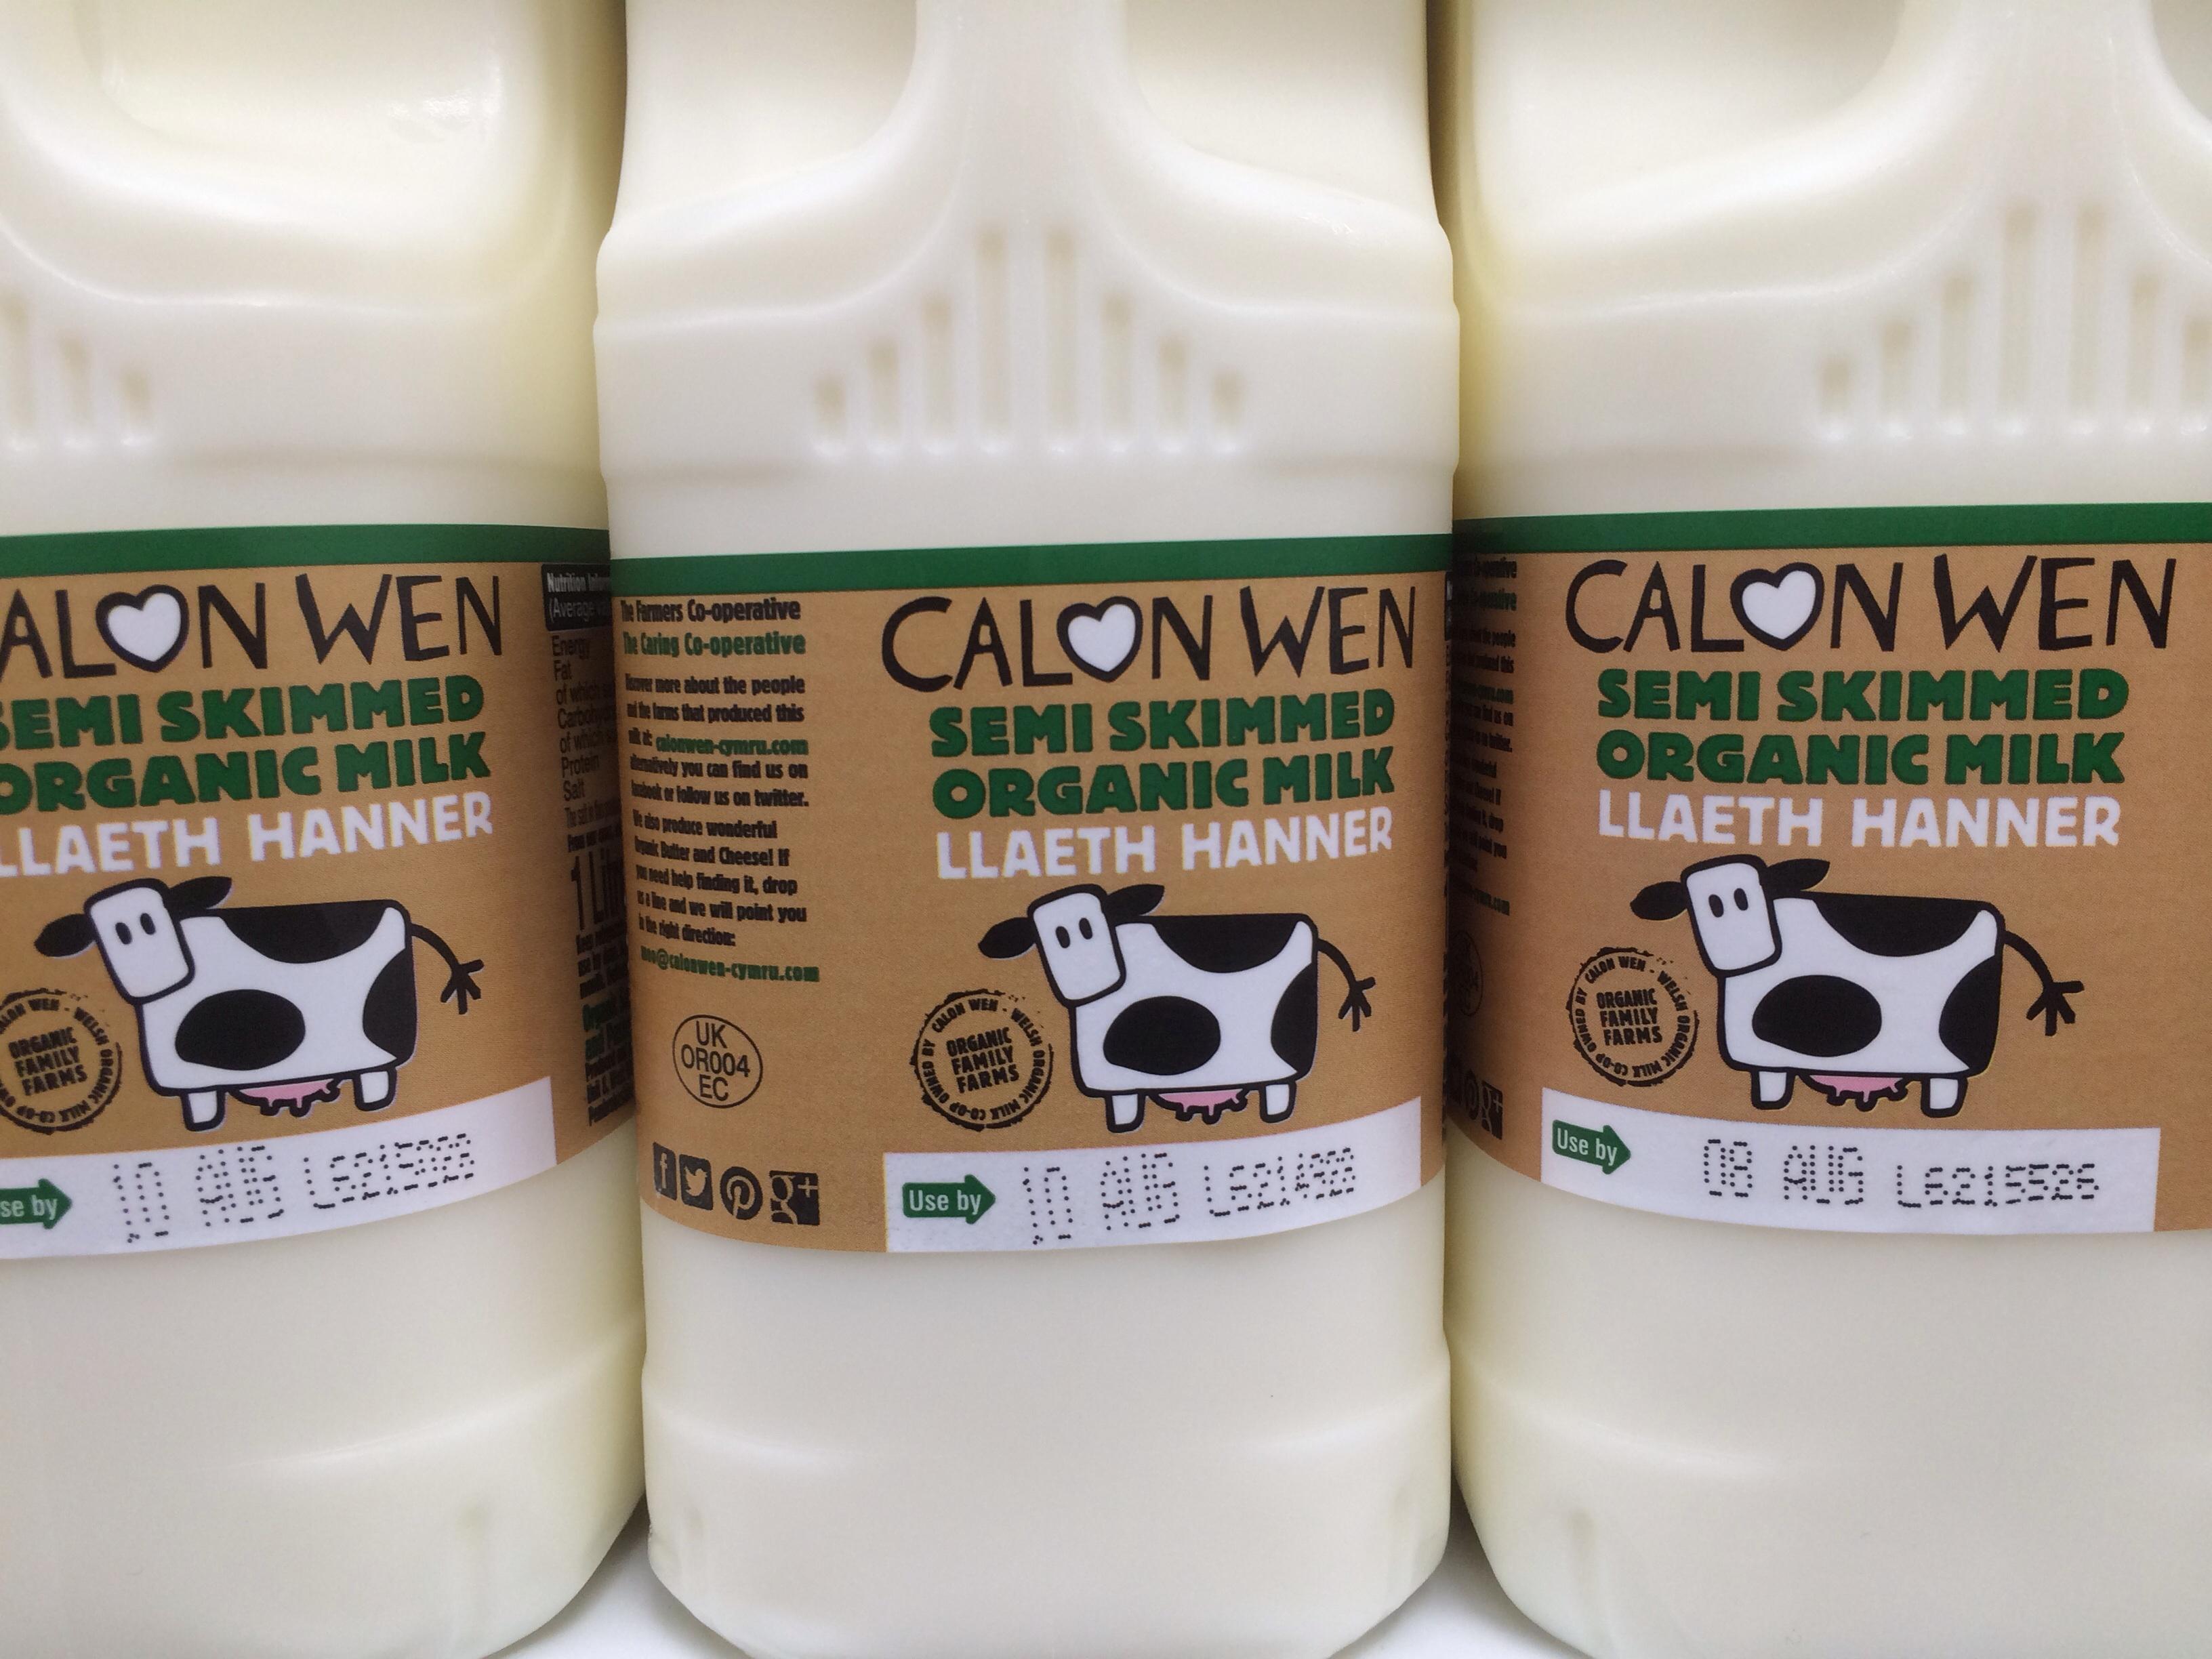 Bottles_of_Calon_Wen_semi-skimmed_milk.jpg?profile=RESIZE_710x